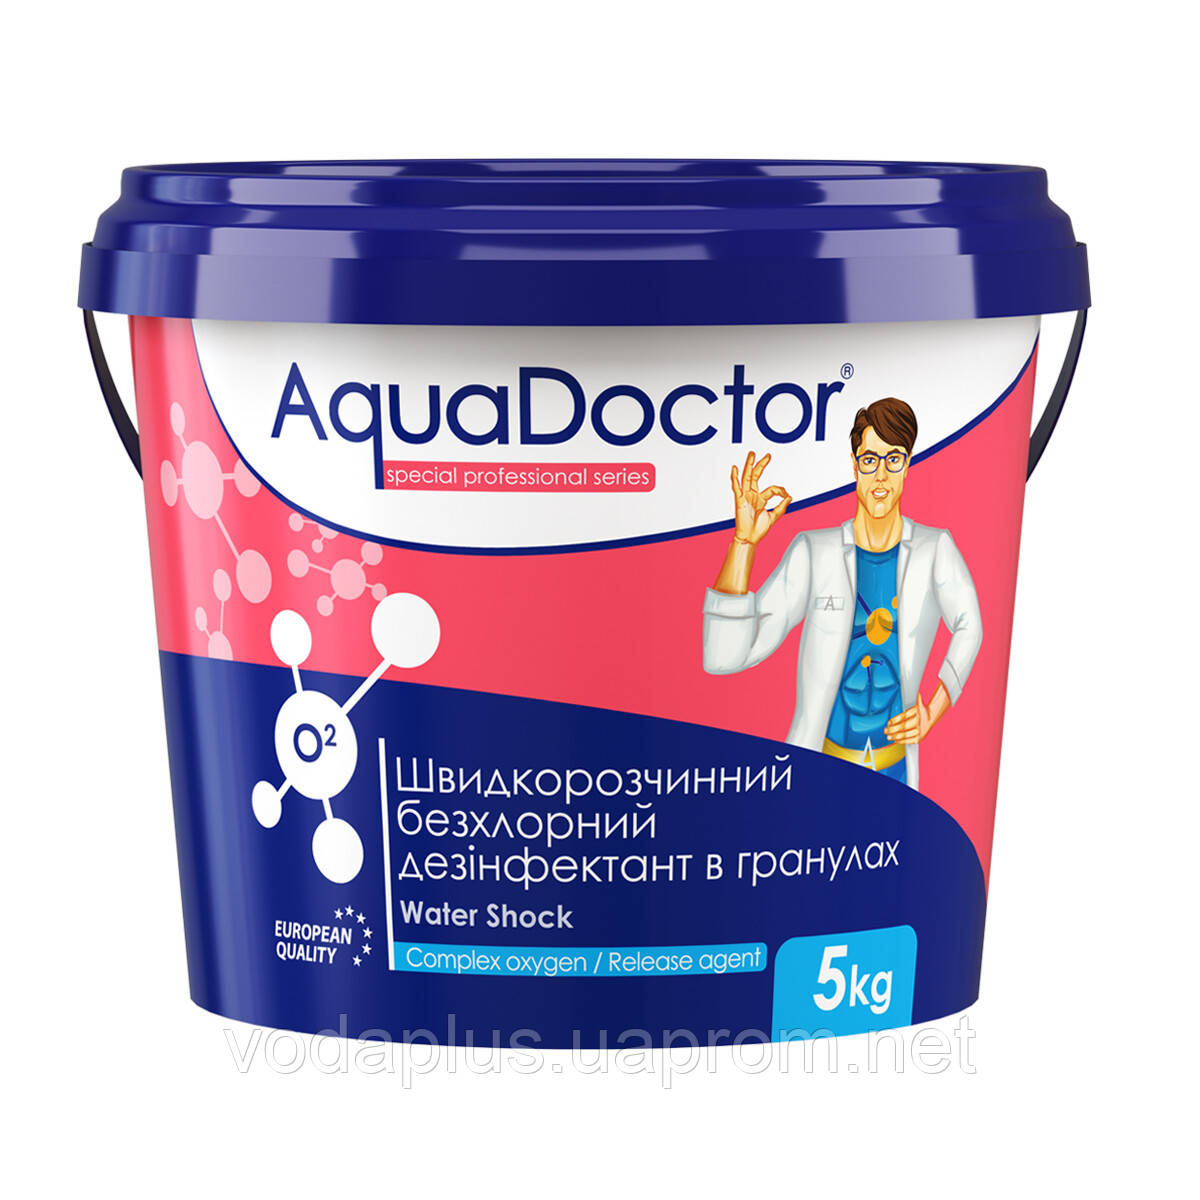 Активный кислород AquaDoctor O2 1 кг